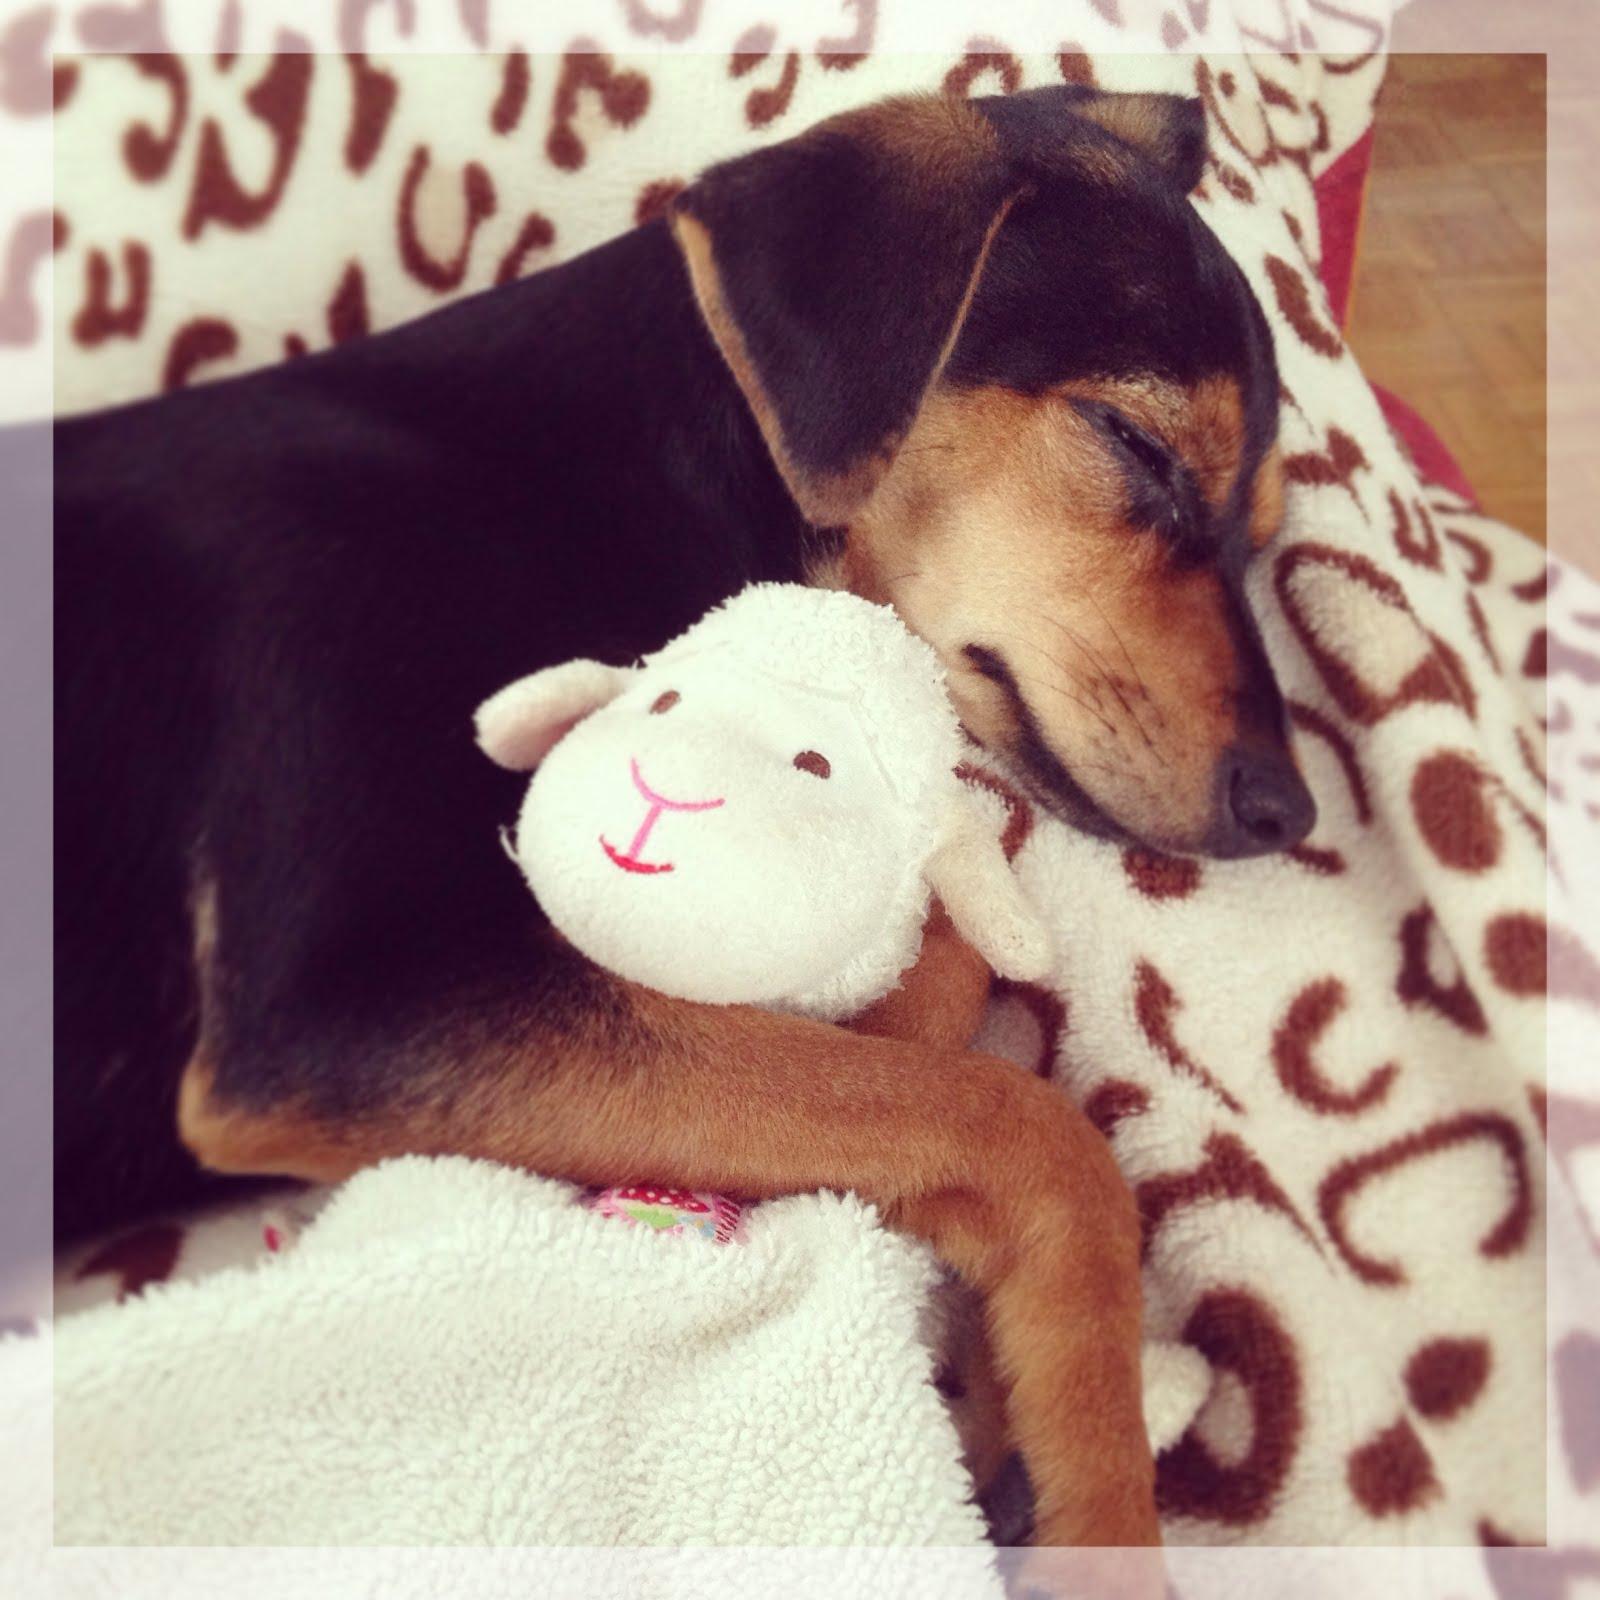 ola's Freunde lieben das Schäfchen von Spigelburg Hundeblog Fellkind Penny